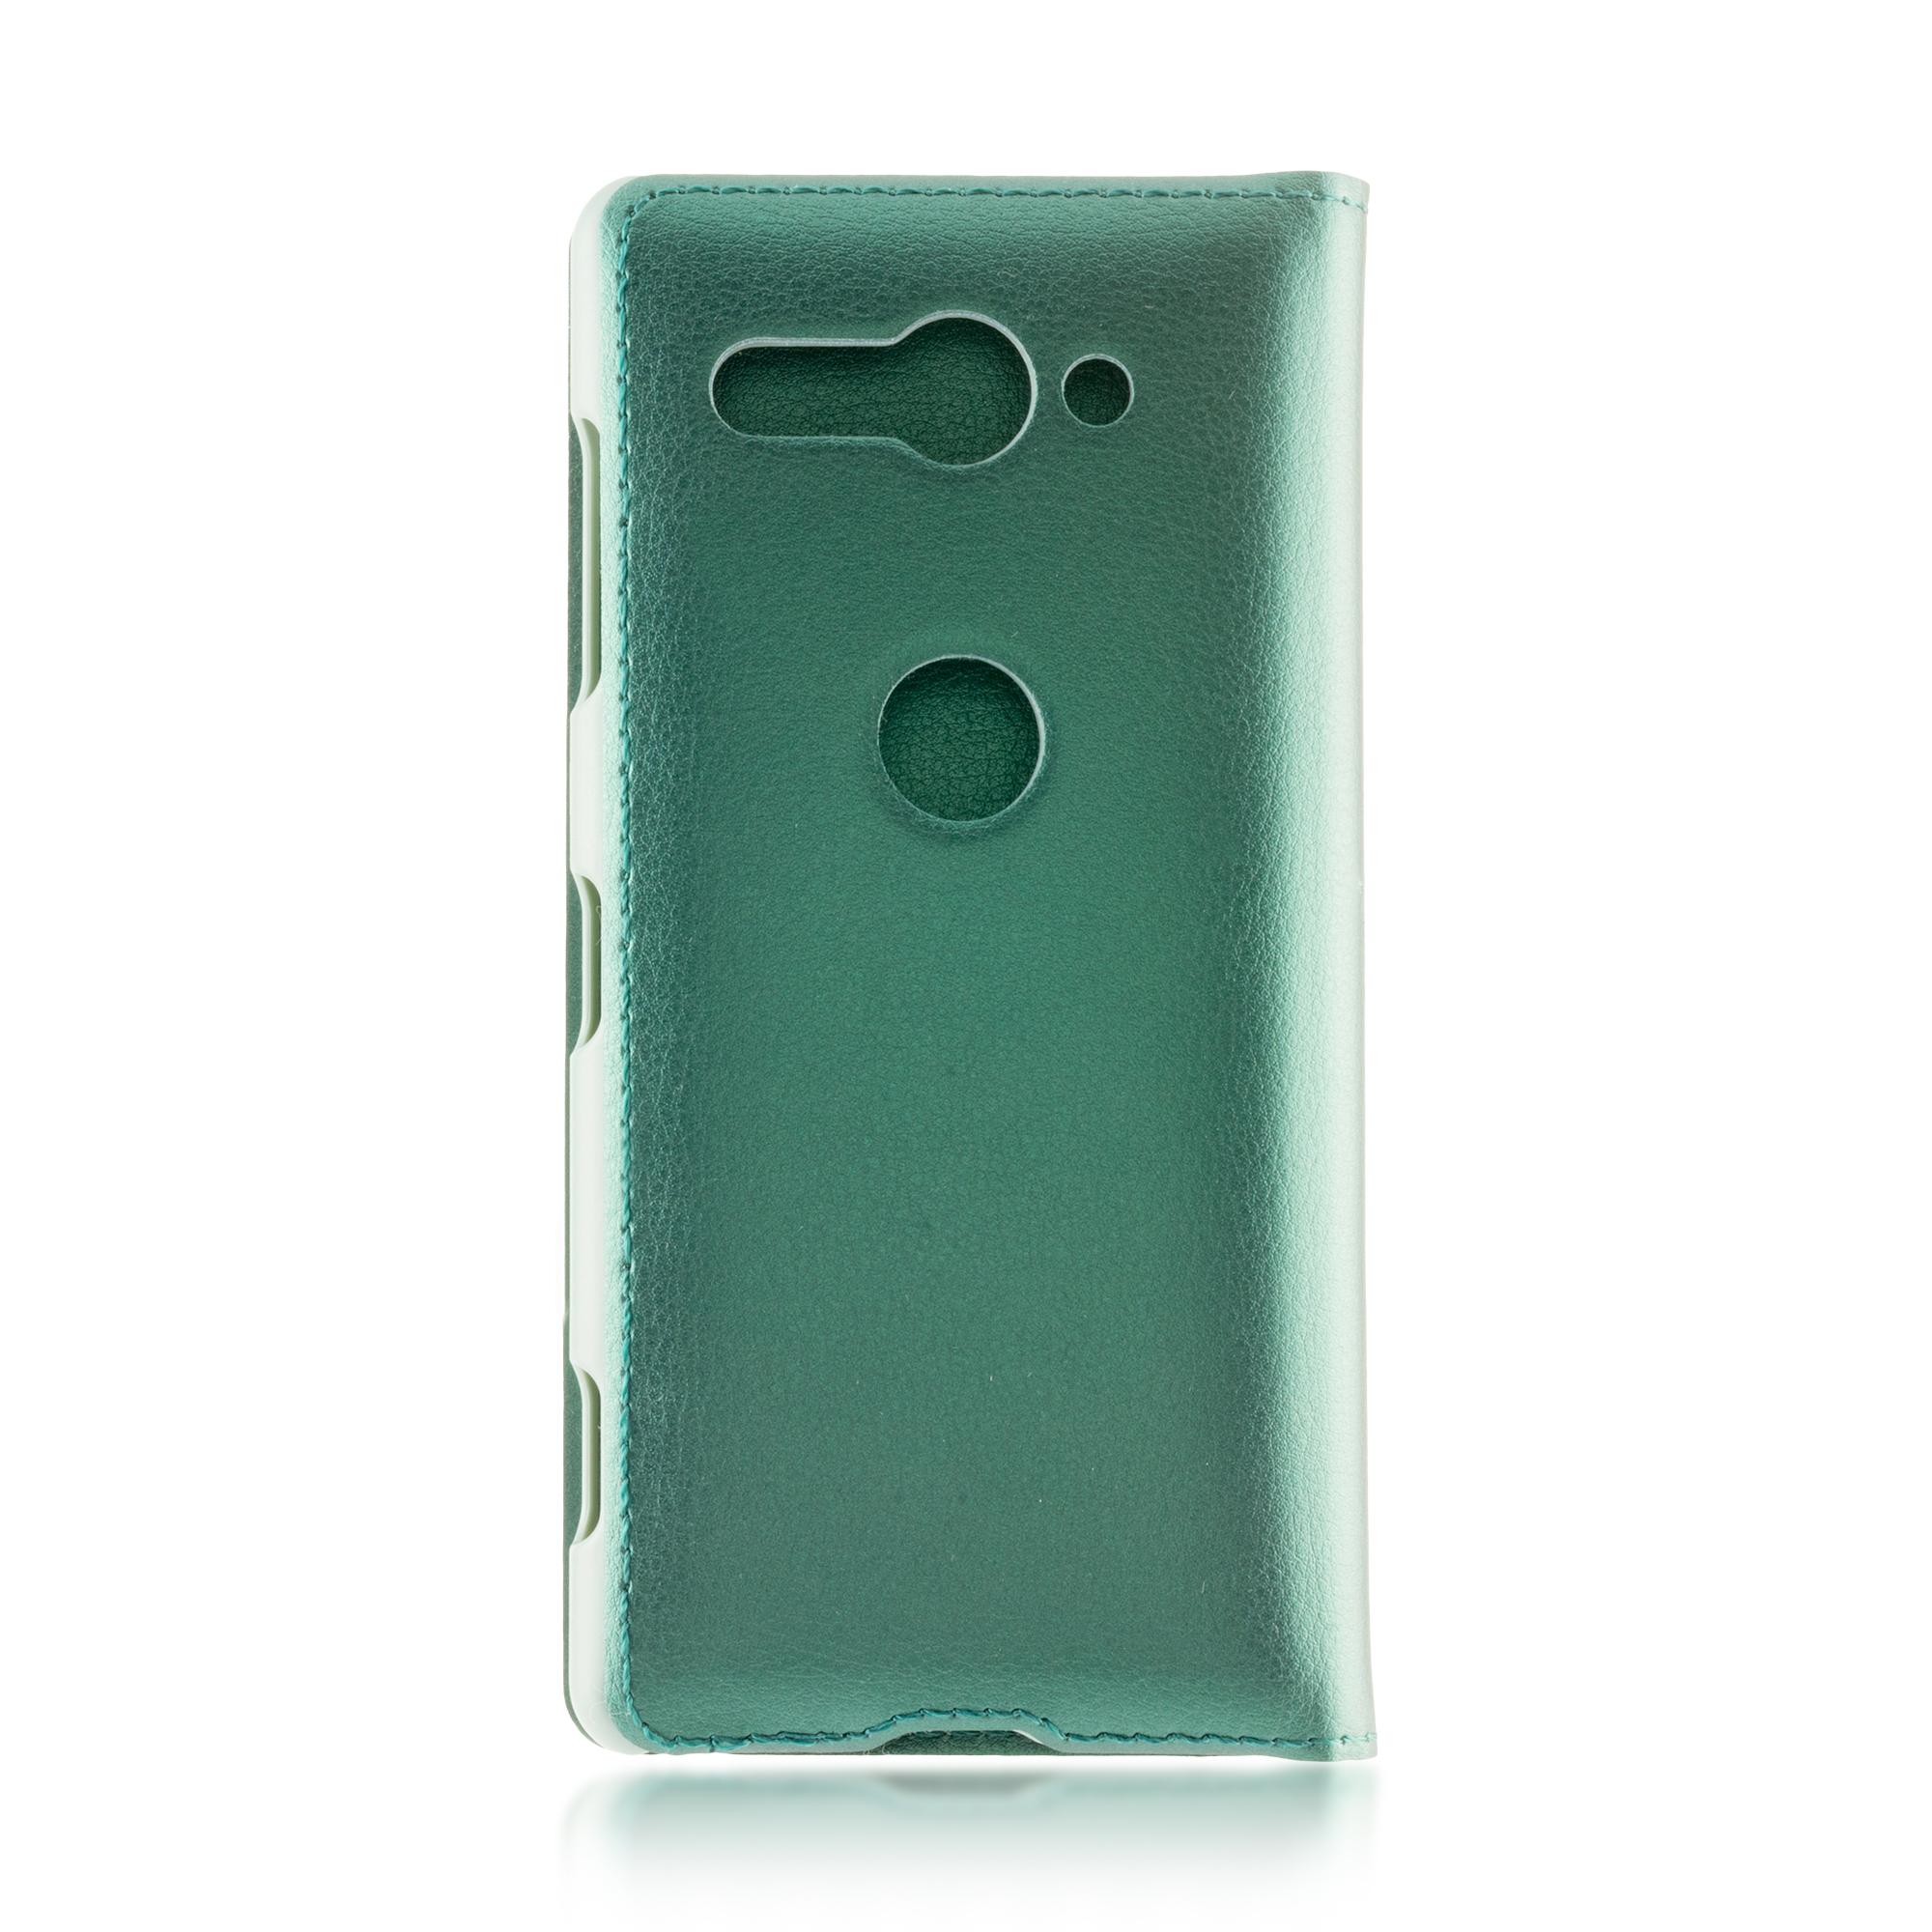 Чехол-книжка для Xperia XZ2 Compact зелёного цвета в Sony Centre Воронеж